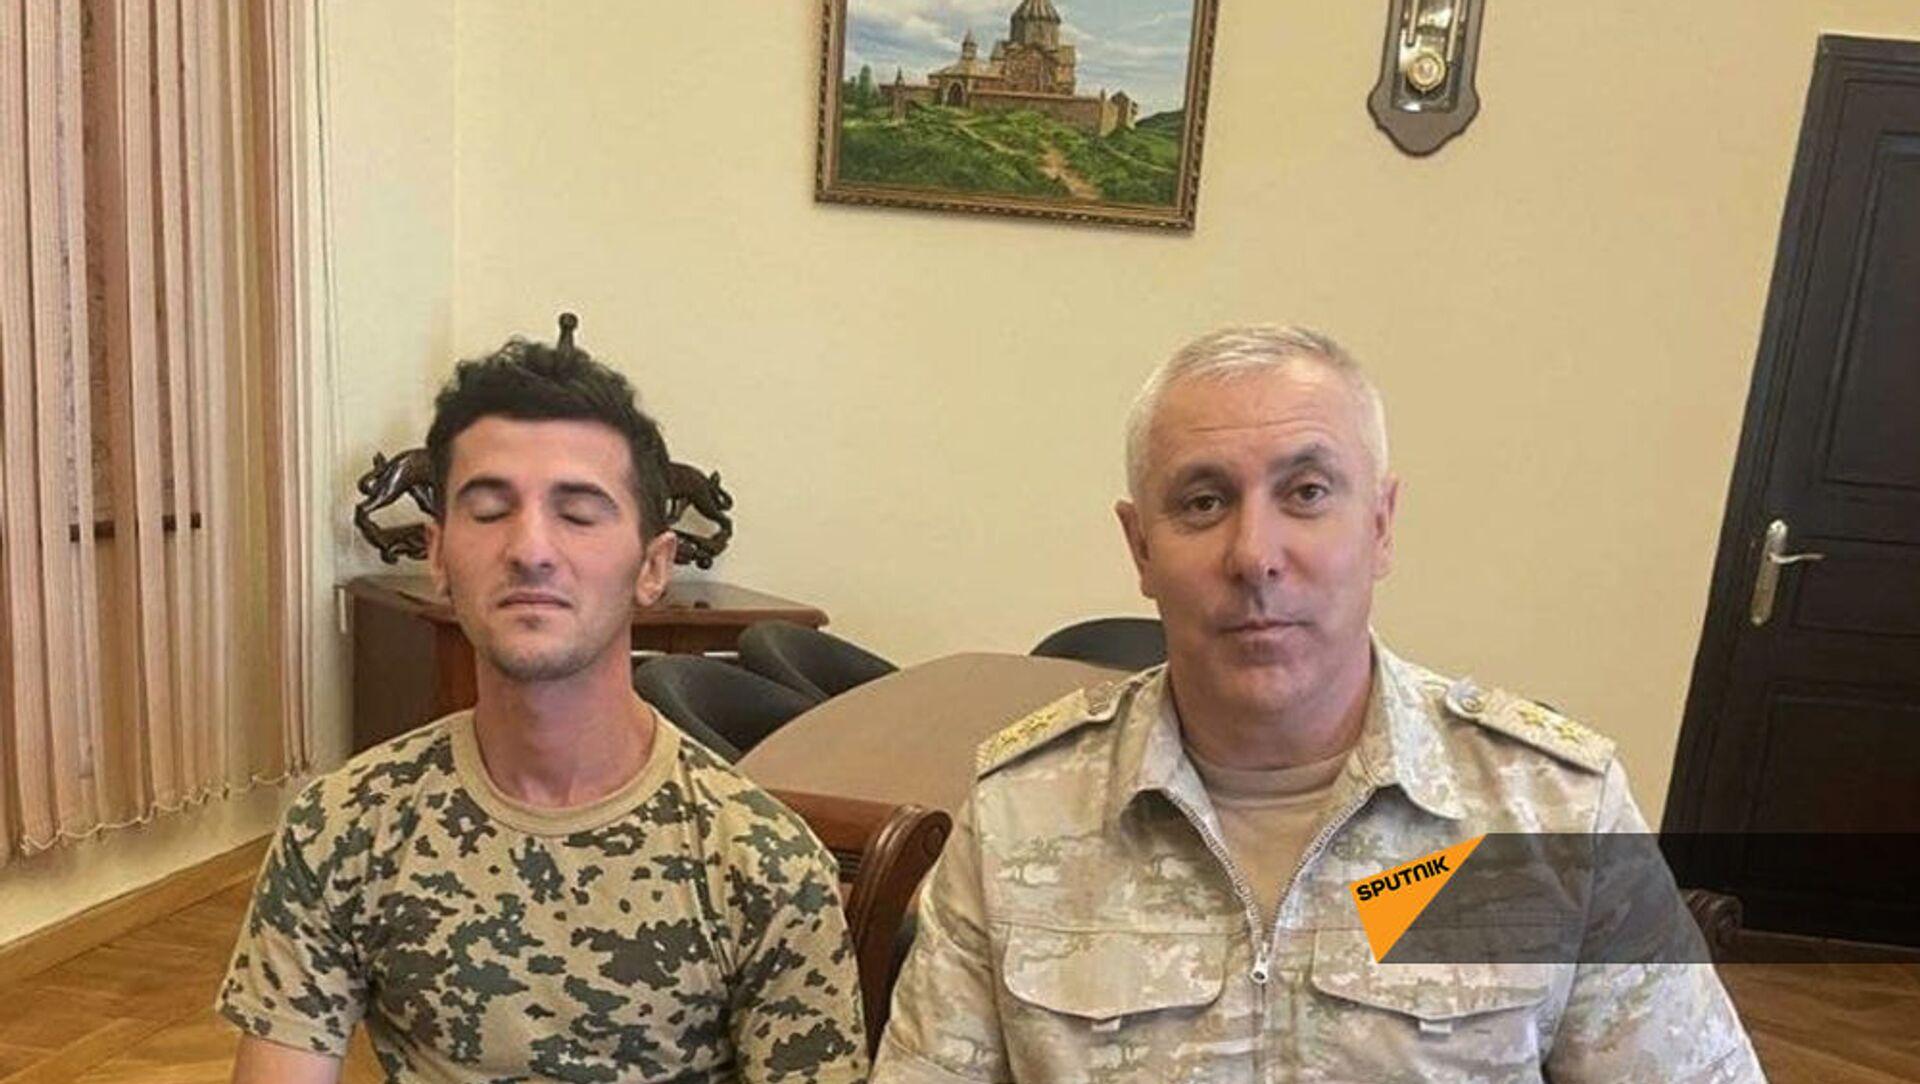 Командующий российским миротворческим контингентом в Карабахе генерал-лейтенант Рустам Мурадов посетил арестованного азербайджанского военнослужащего Джамиля Бабаева - Sputnik Армения, 1920, 03.09.2021